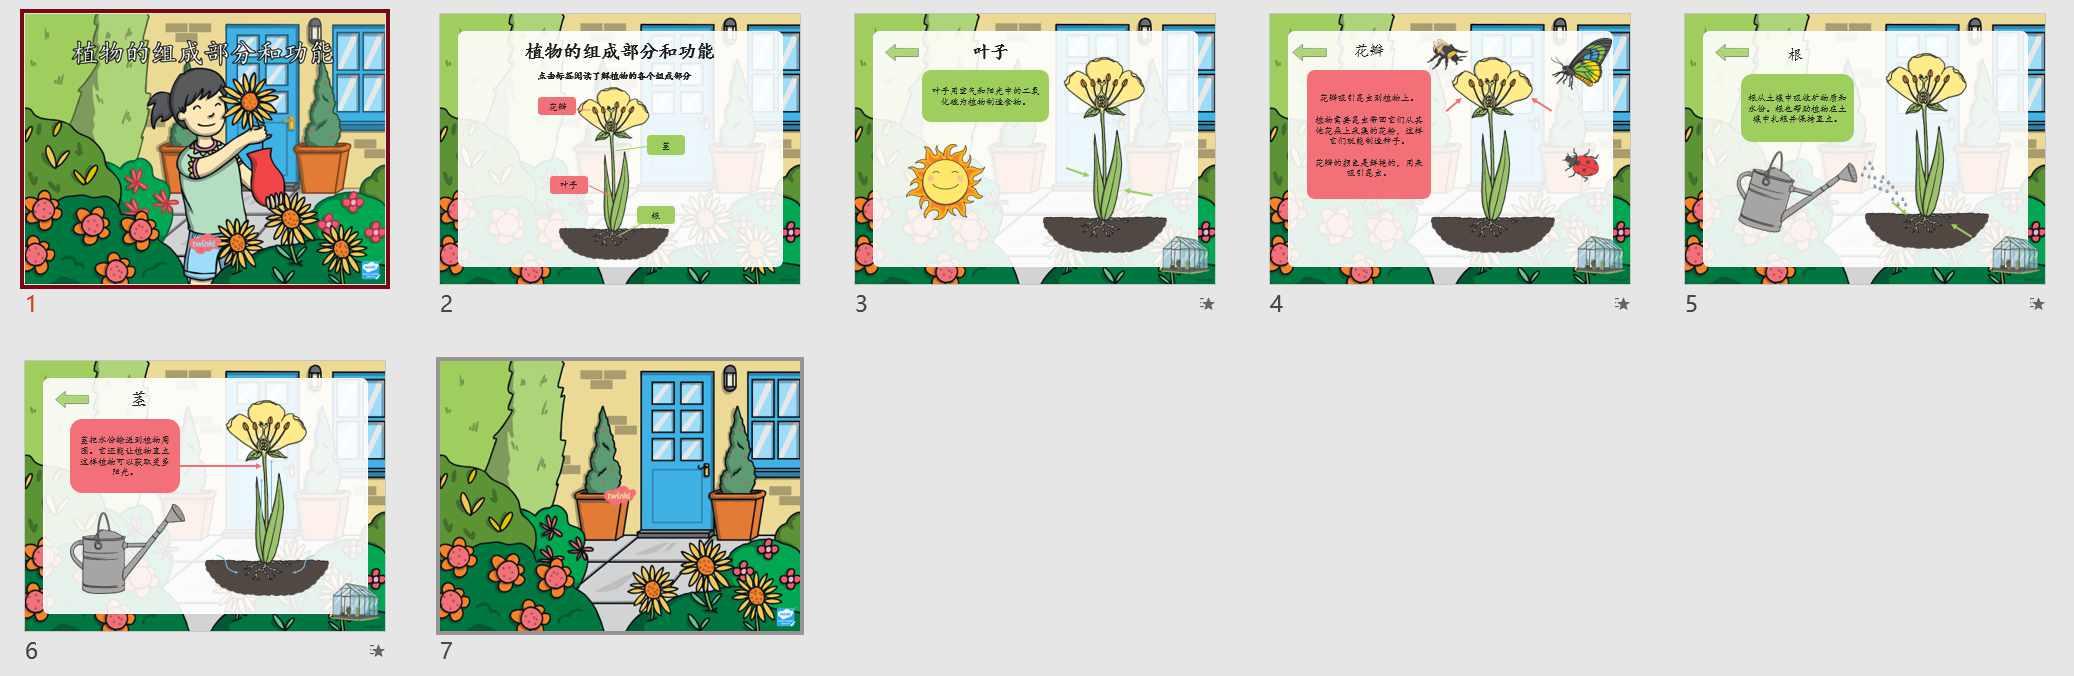 Twinkl-小学高年级-科学-植物的组成部分